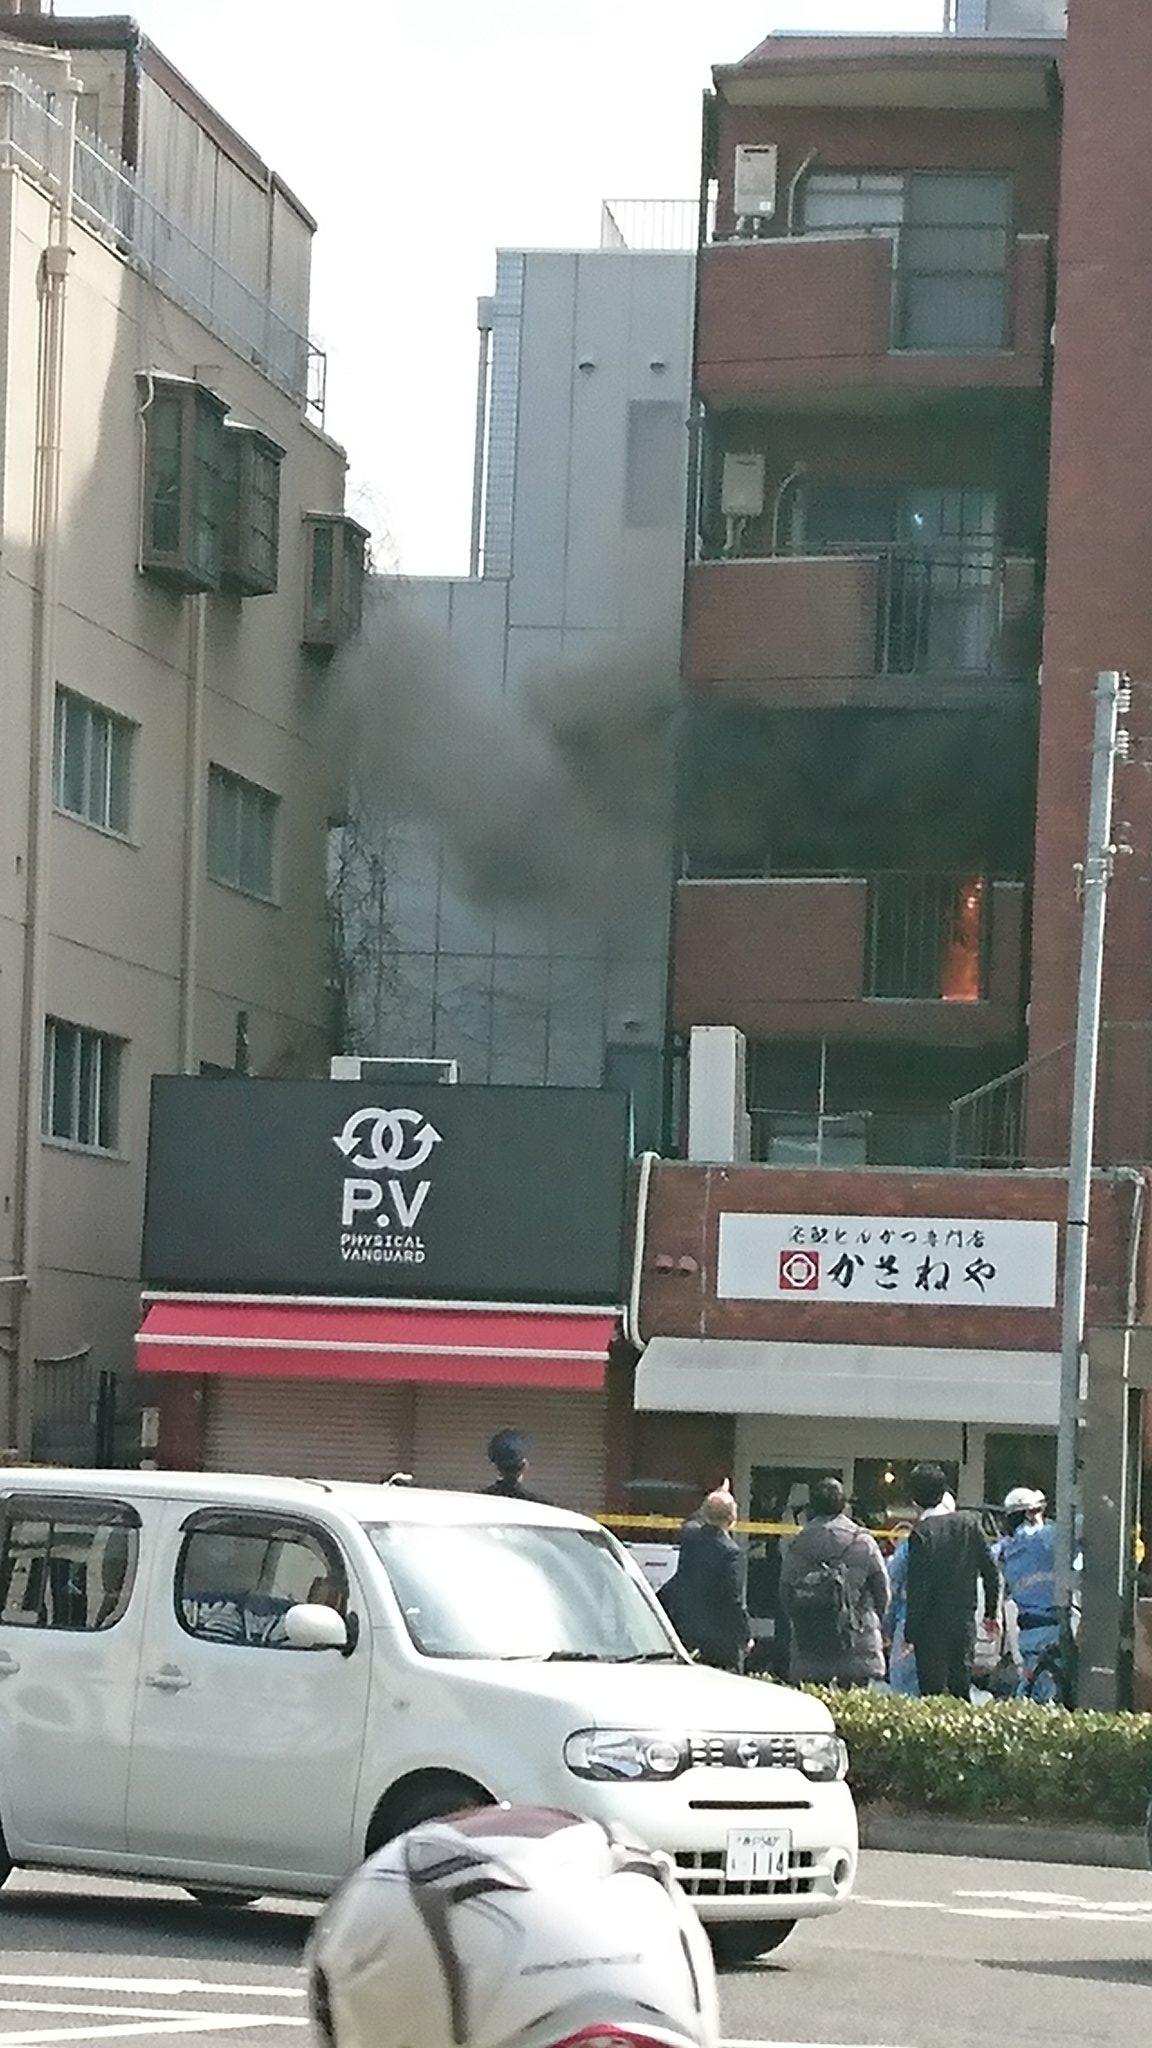 画像,神戸大倉山の横のマンションにて火災発生!住民の方の無事を祈ります。 https://t.co/5j2X9fLb0D。